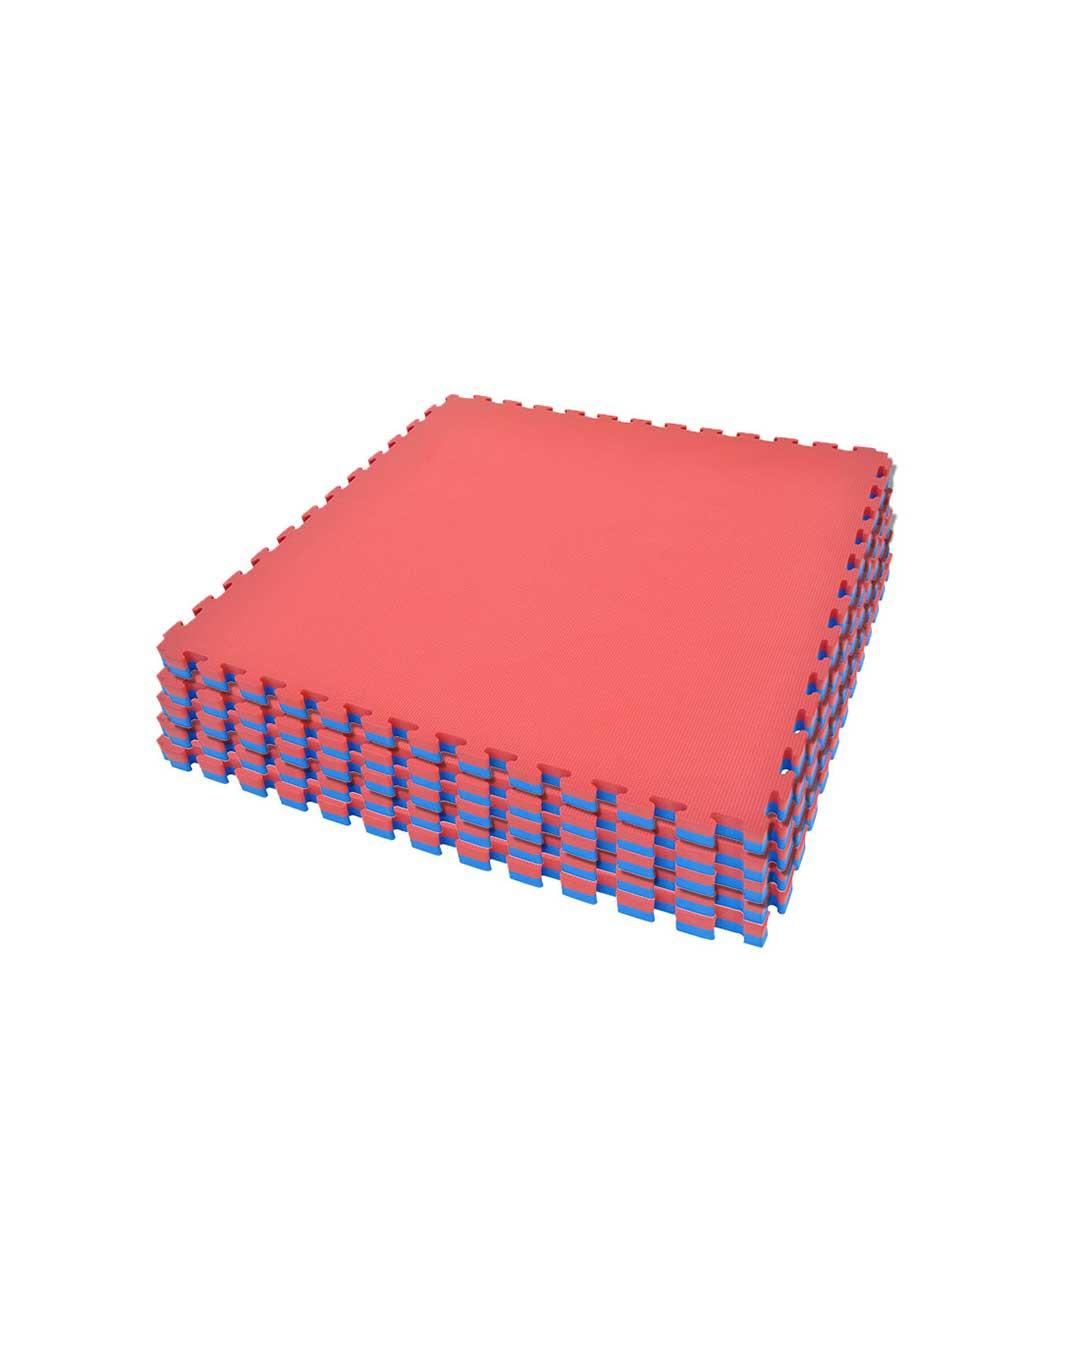 Set de 5 Tatamis multiuso de 2.5 cm de espesor (goma eva)